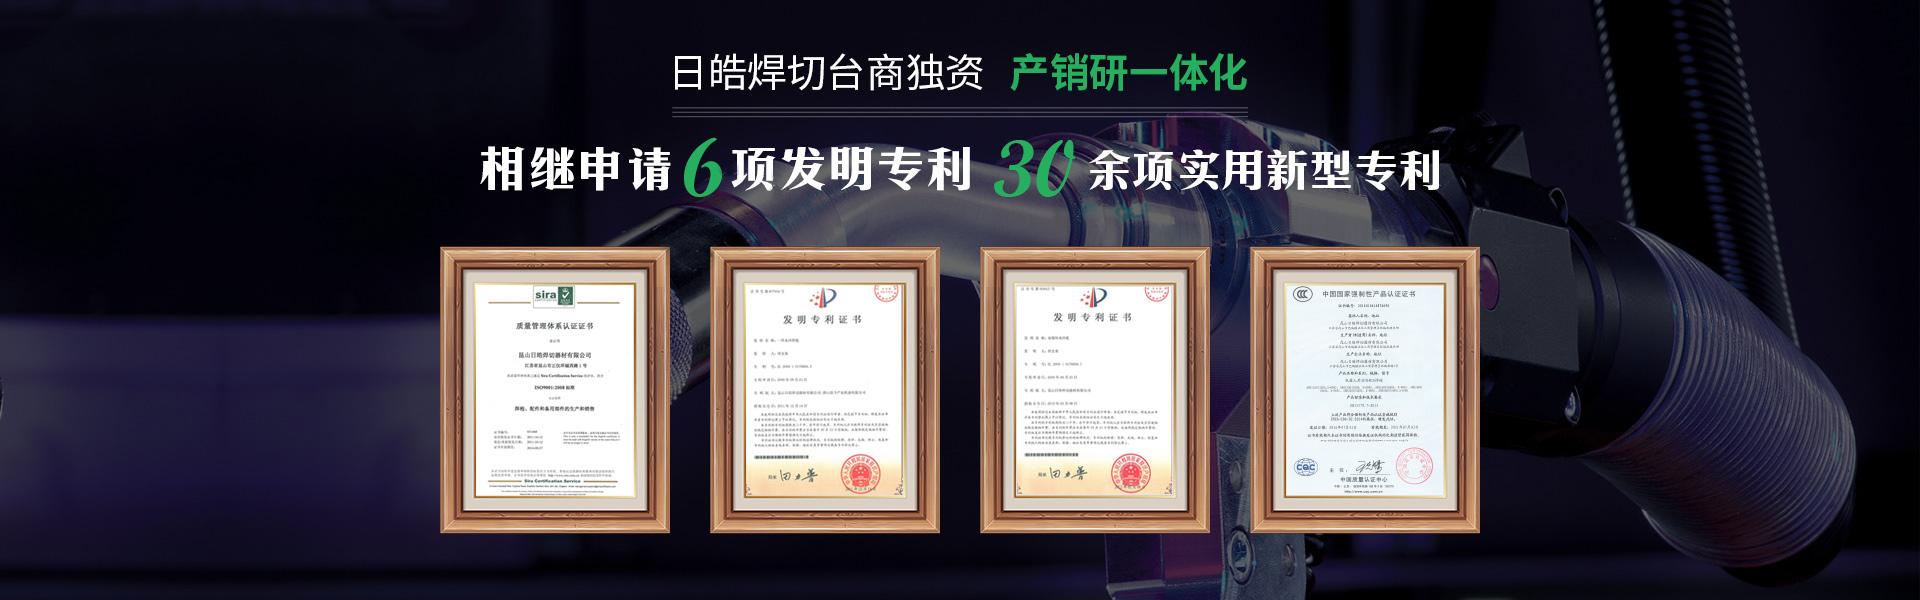 日皓焊切台商独资   产销研一体化 相继申请6项发明专利  30余项实用新型专利